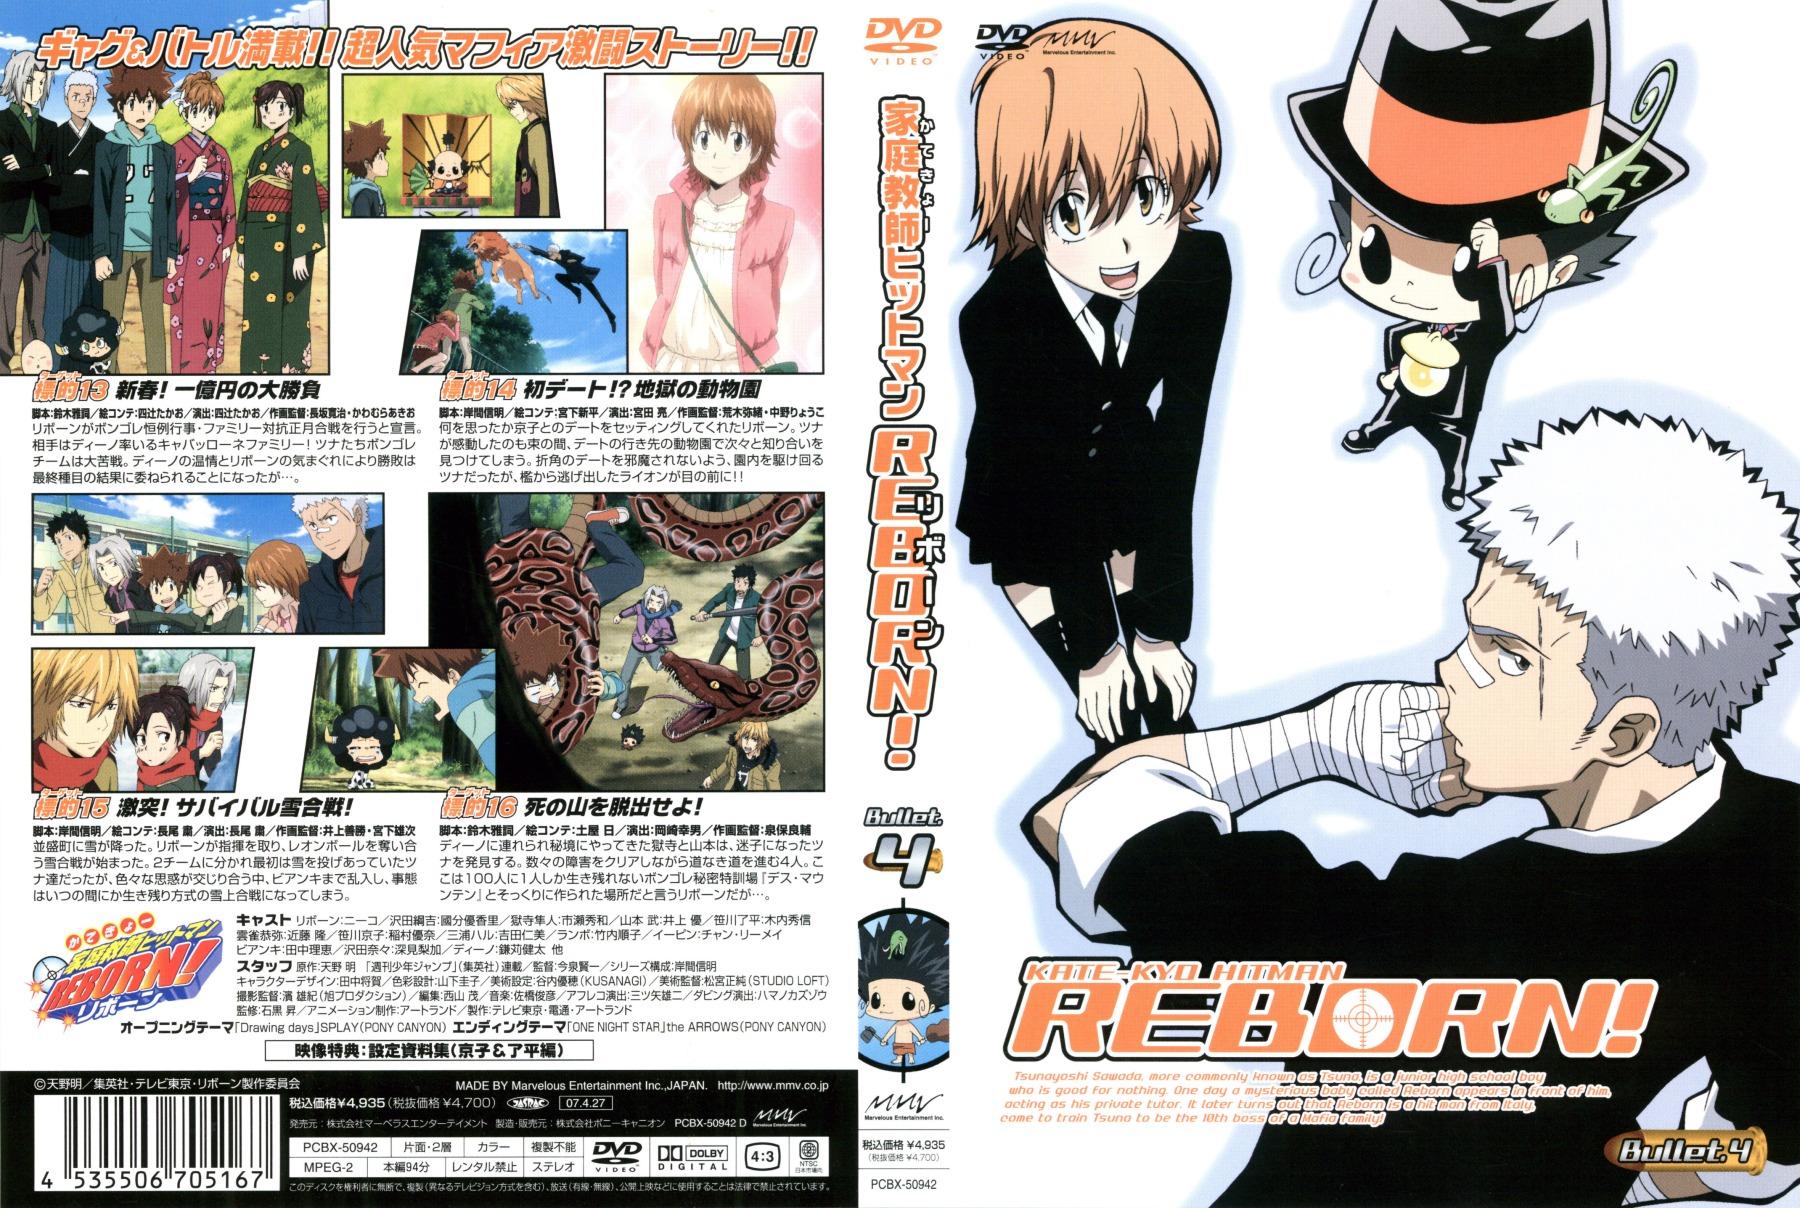 Katekyo Hitman Reborn Image 1511137 Zerochan Anime Image Board